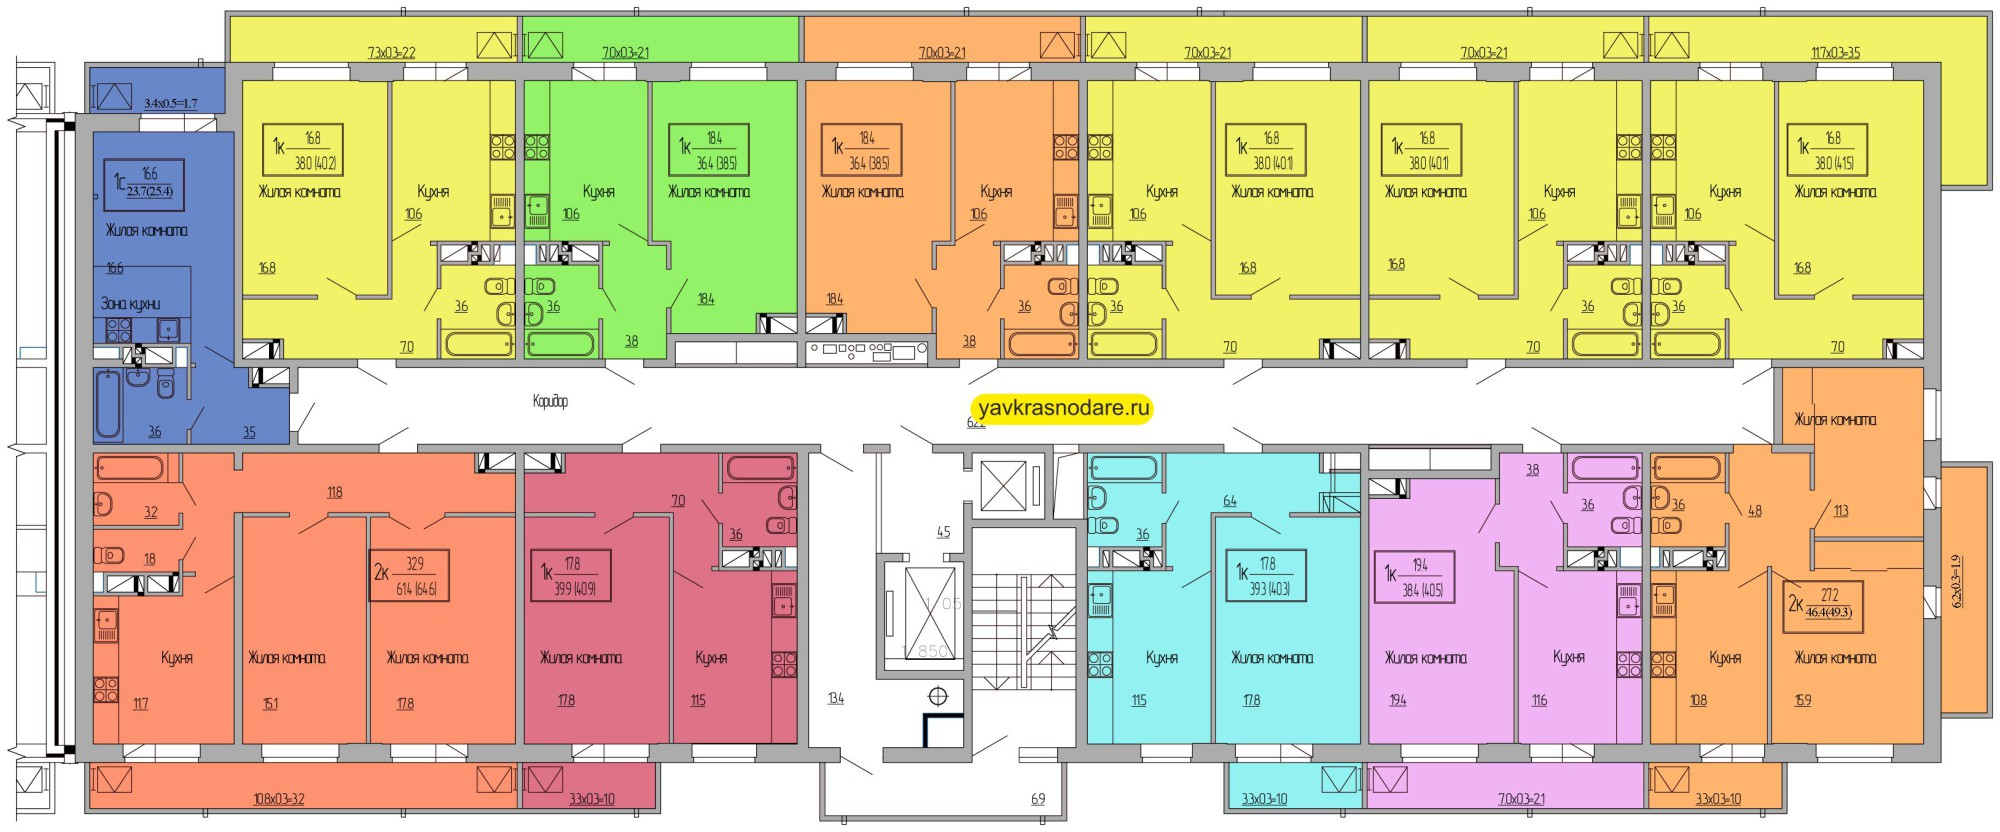 Атмосфера, 3 подъезд, 16-18 этажи